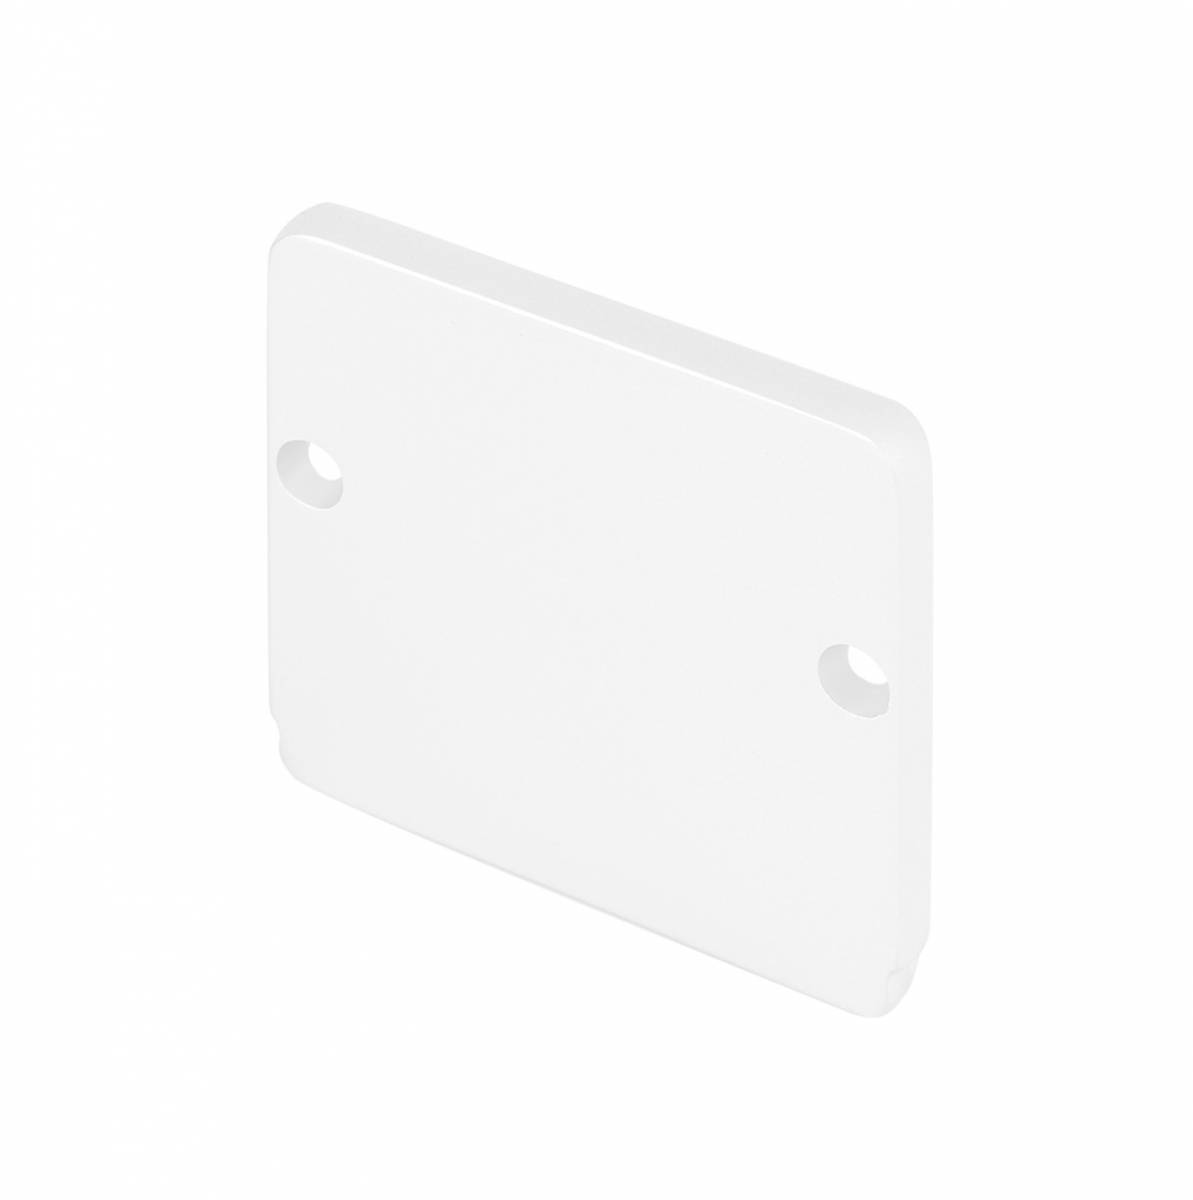 GLENOS end cap for industrial profile flat,matt white,2 pcs.